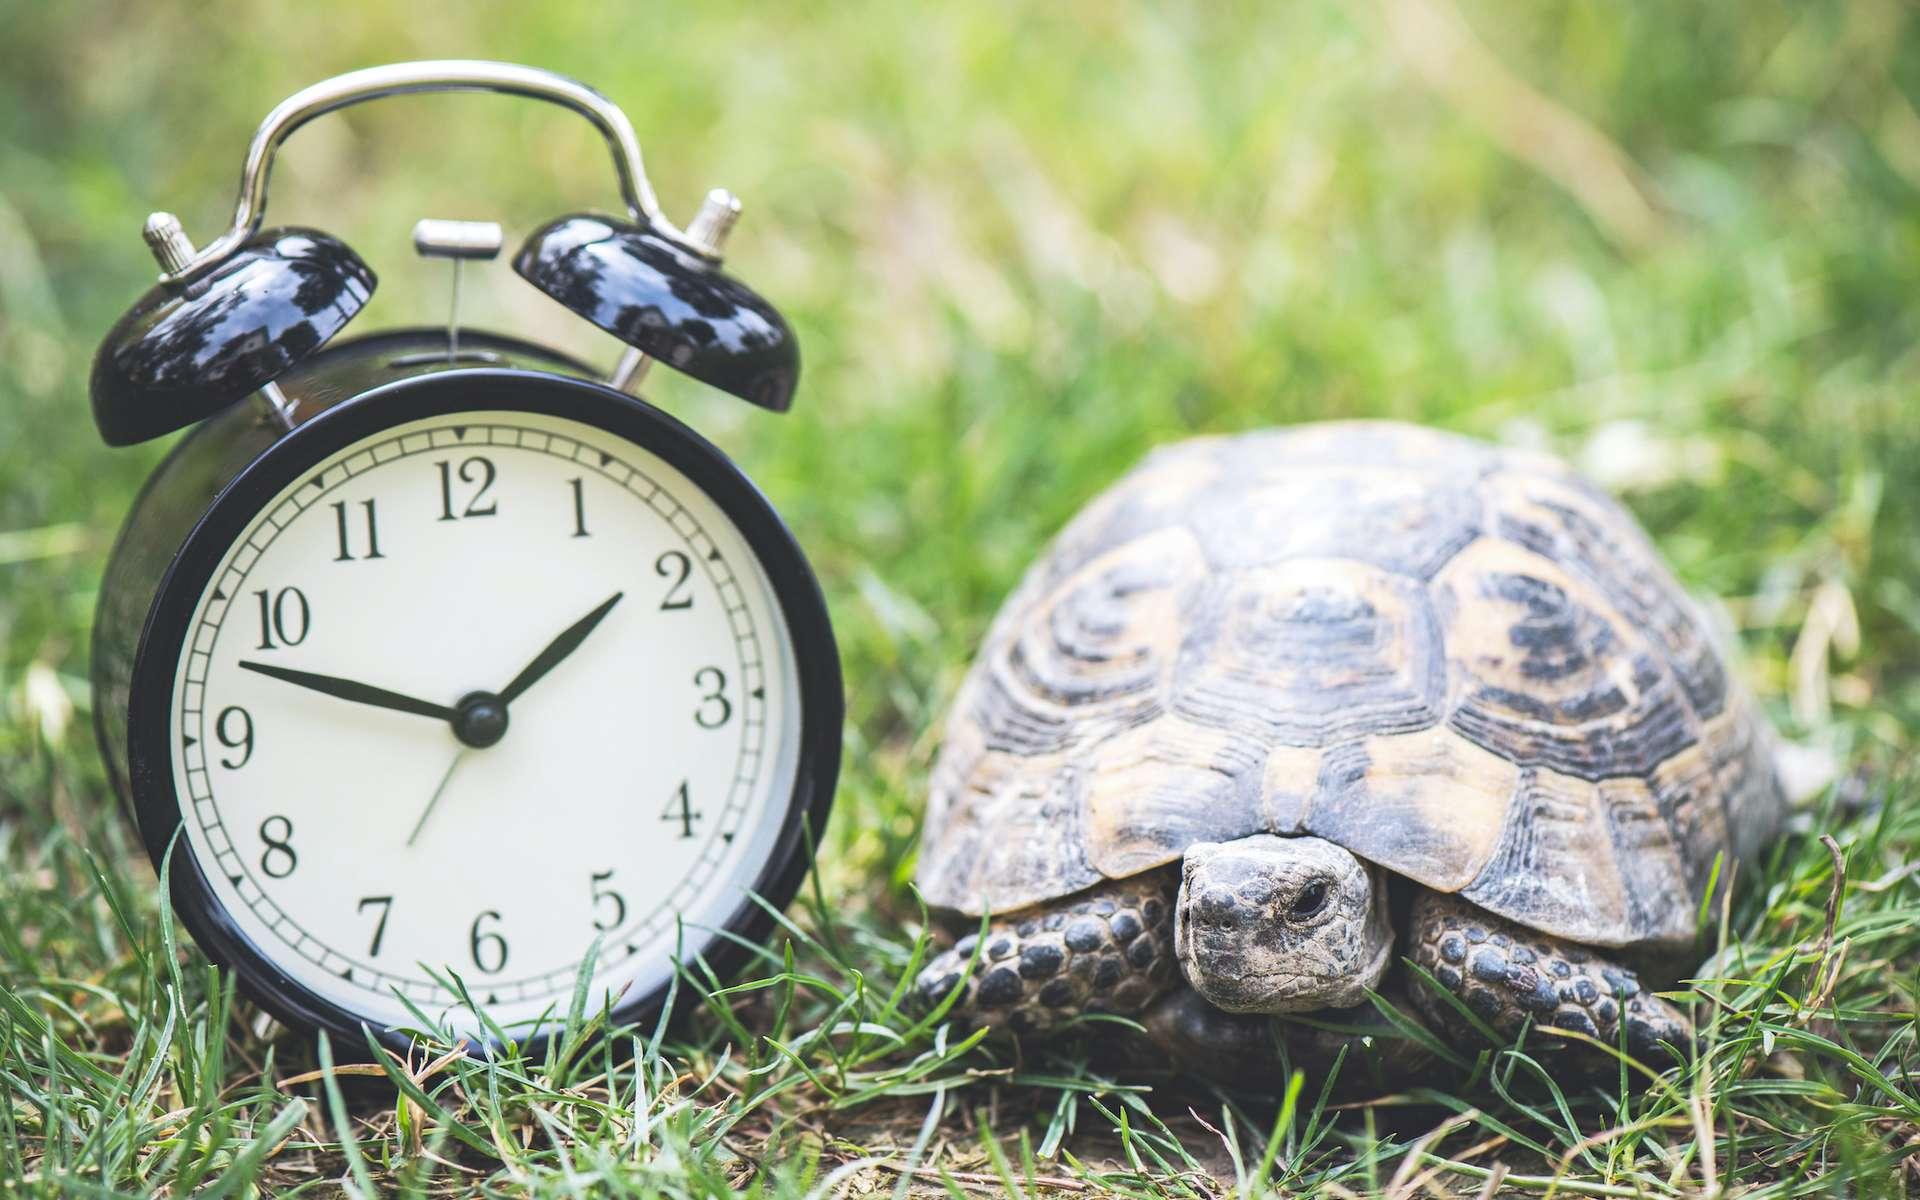 La température extérieure affecte négativement la durée de vie des animaux à sang froid. © ilkercelik, Adobe Stock